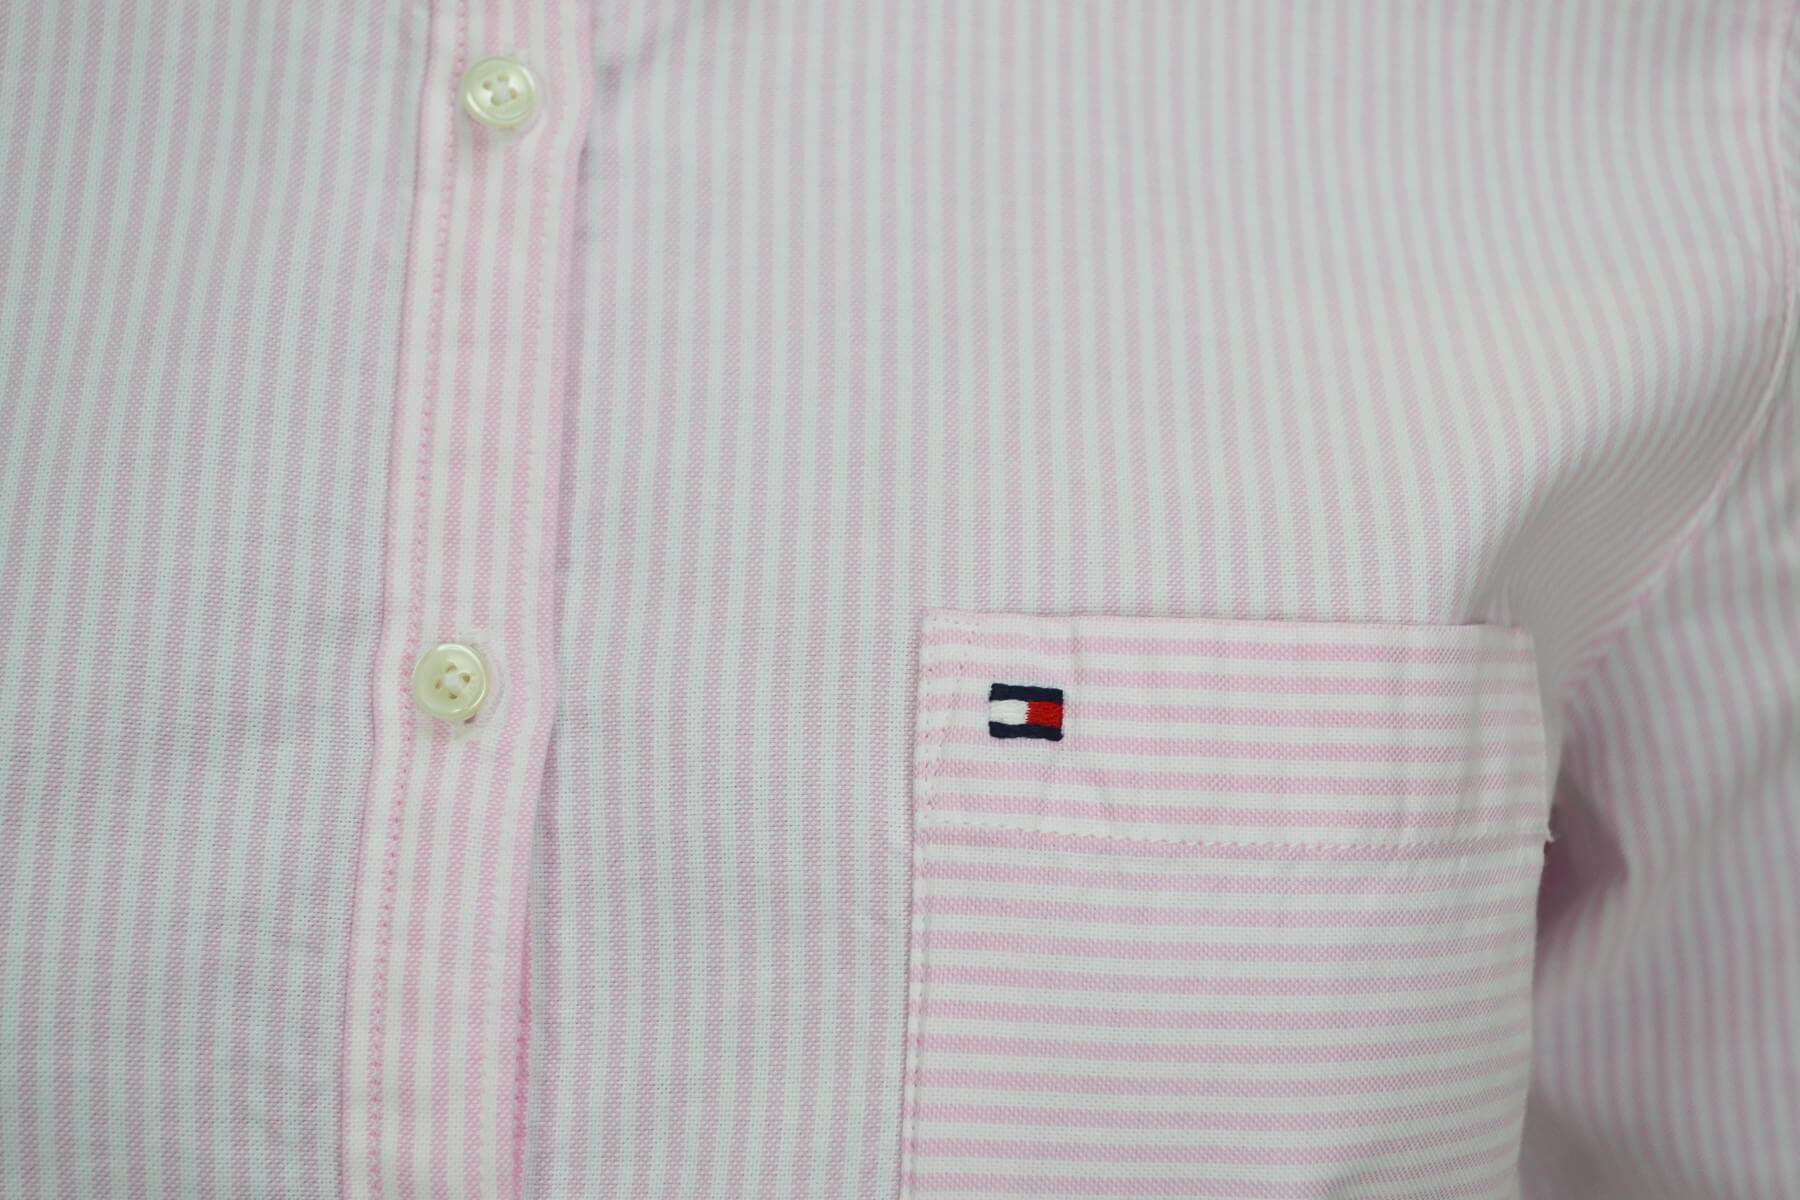 styles divers coupon de réduction célèbre marque de designer Chemise rayée oxford Tommy Hilfiger Sithaca rose et blanche pour fe...